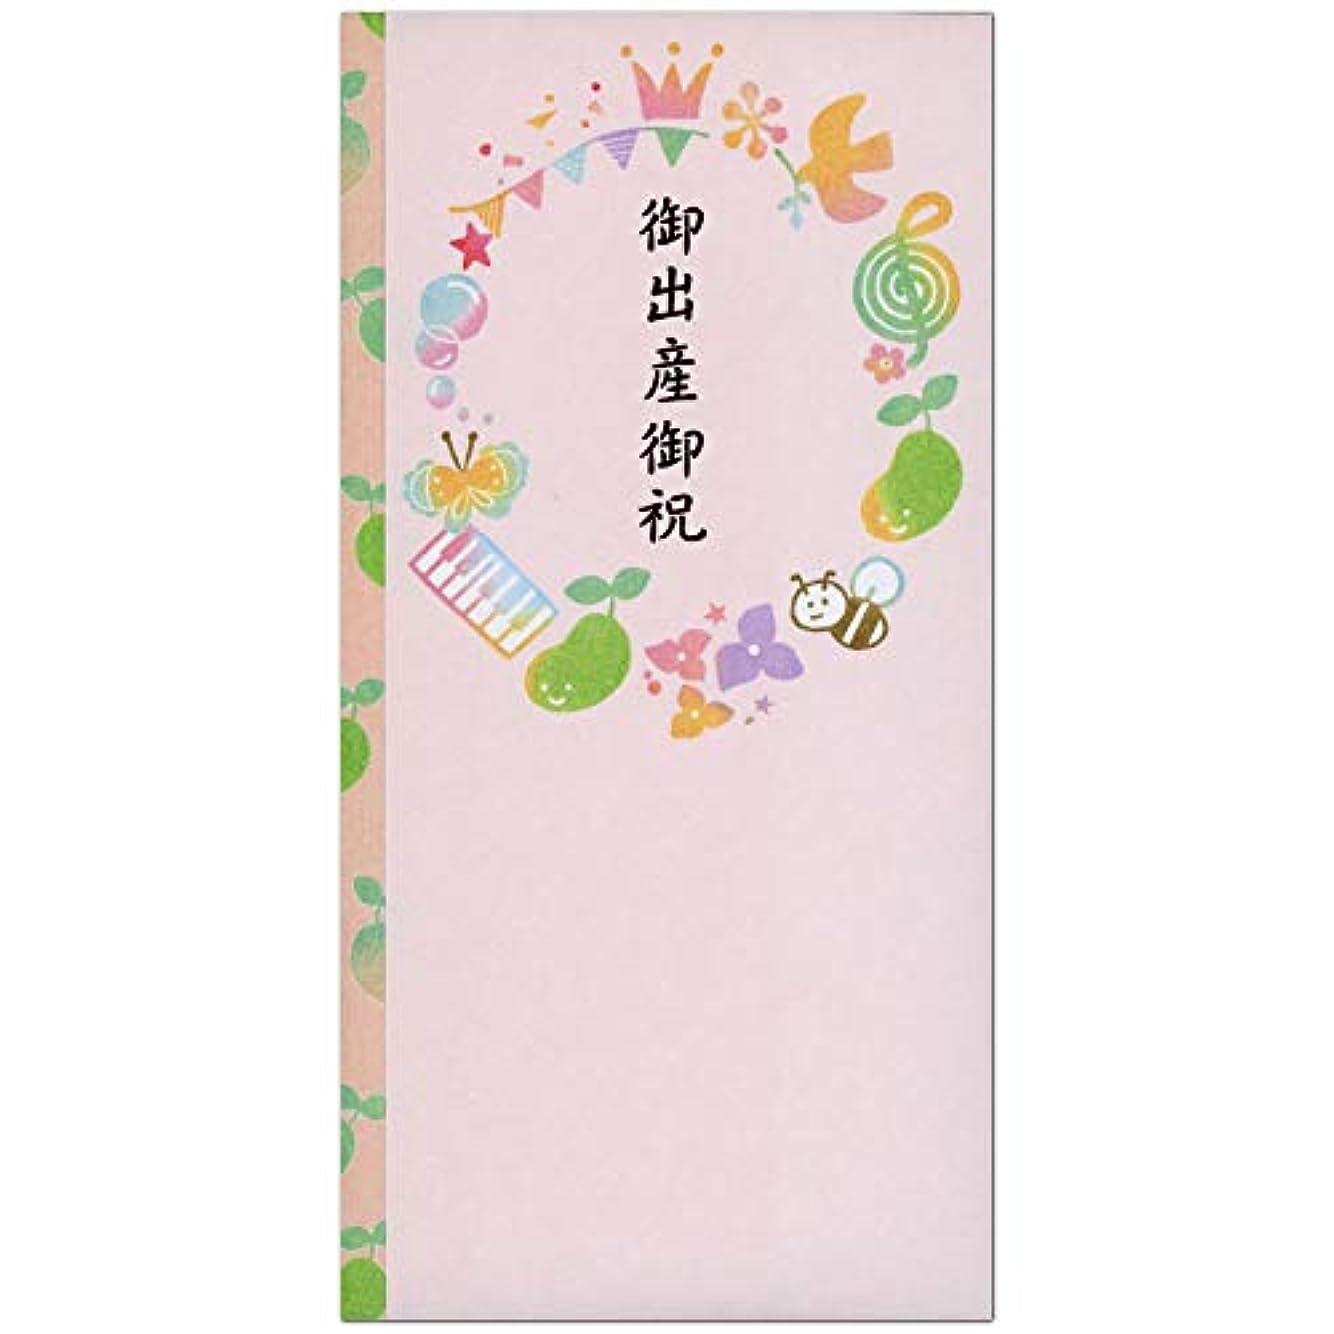 アーチスキル誤解フロンティア 祝儀袋 出産祝 はんこ新芽 SG−183 ピンク